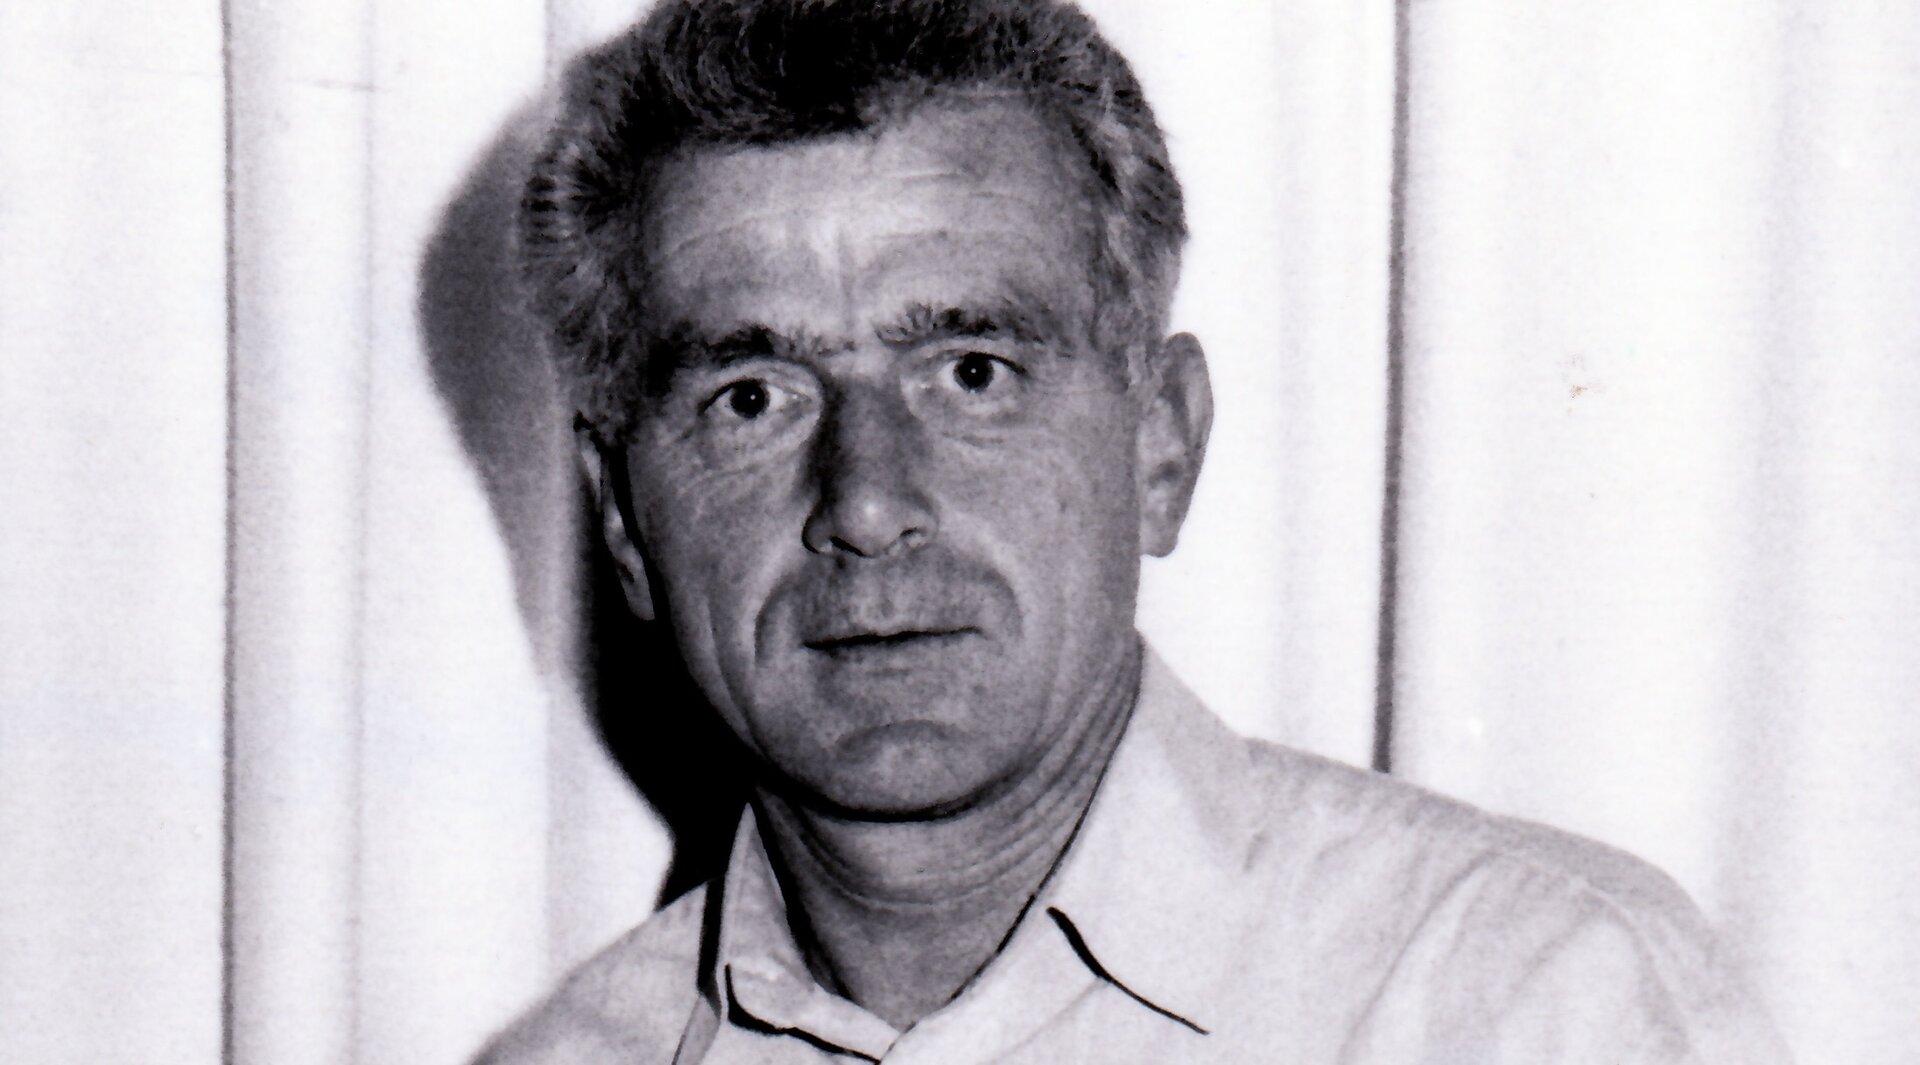 Dannewitz